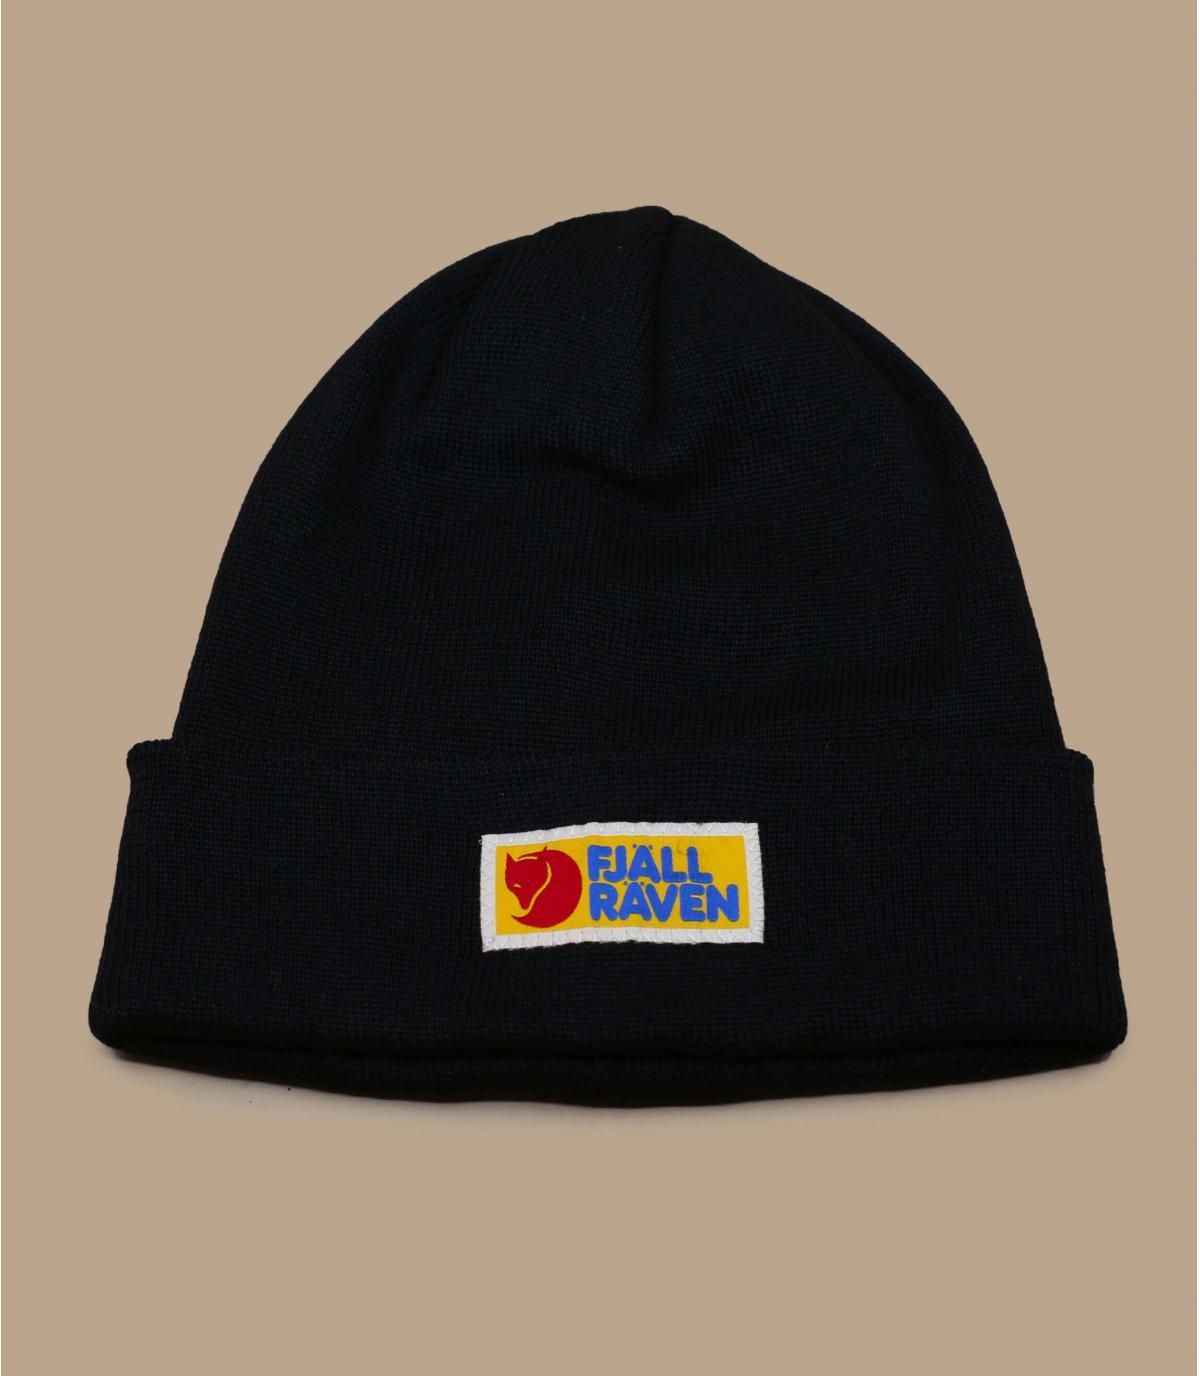 Mütze Fjällräven schwarz